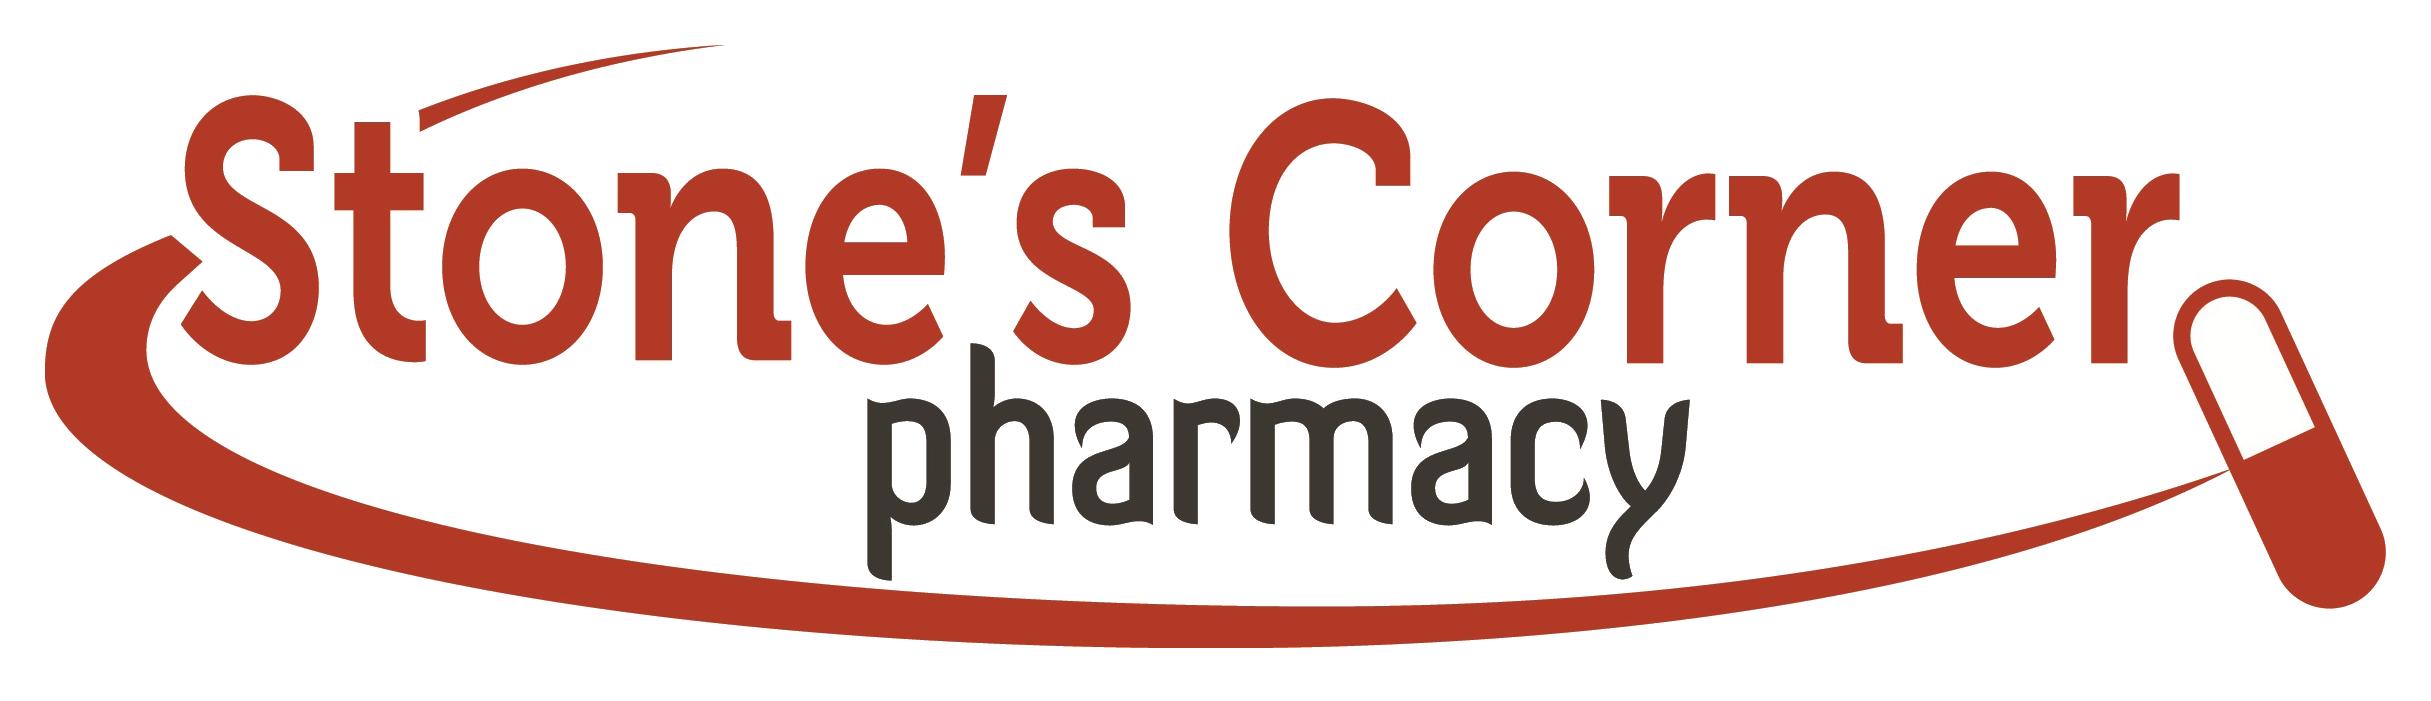 Stone's Corner Pharmacy